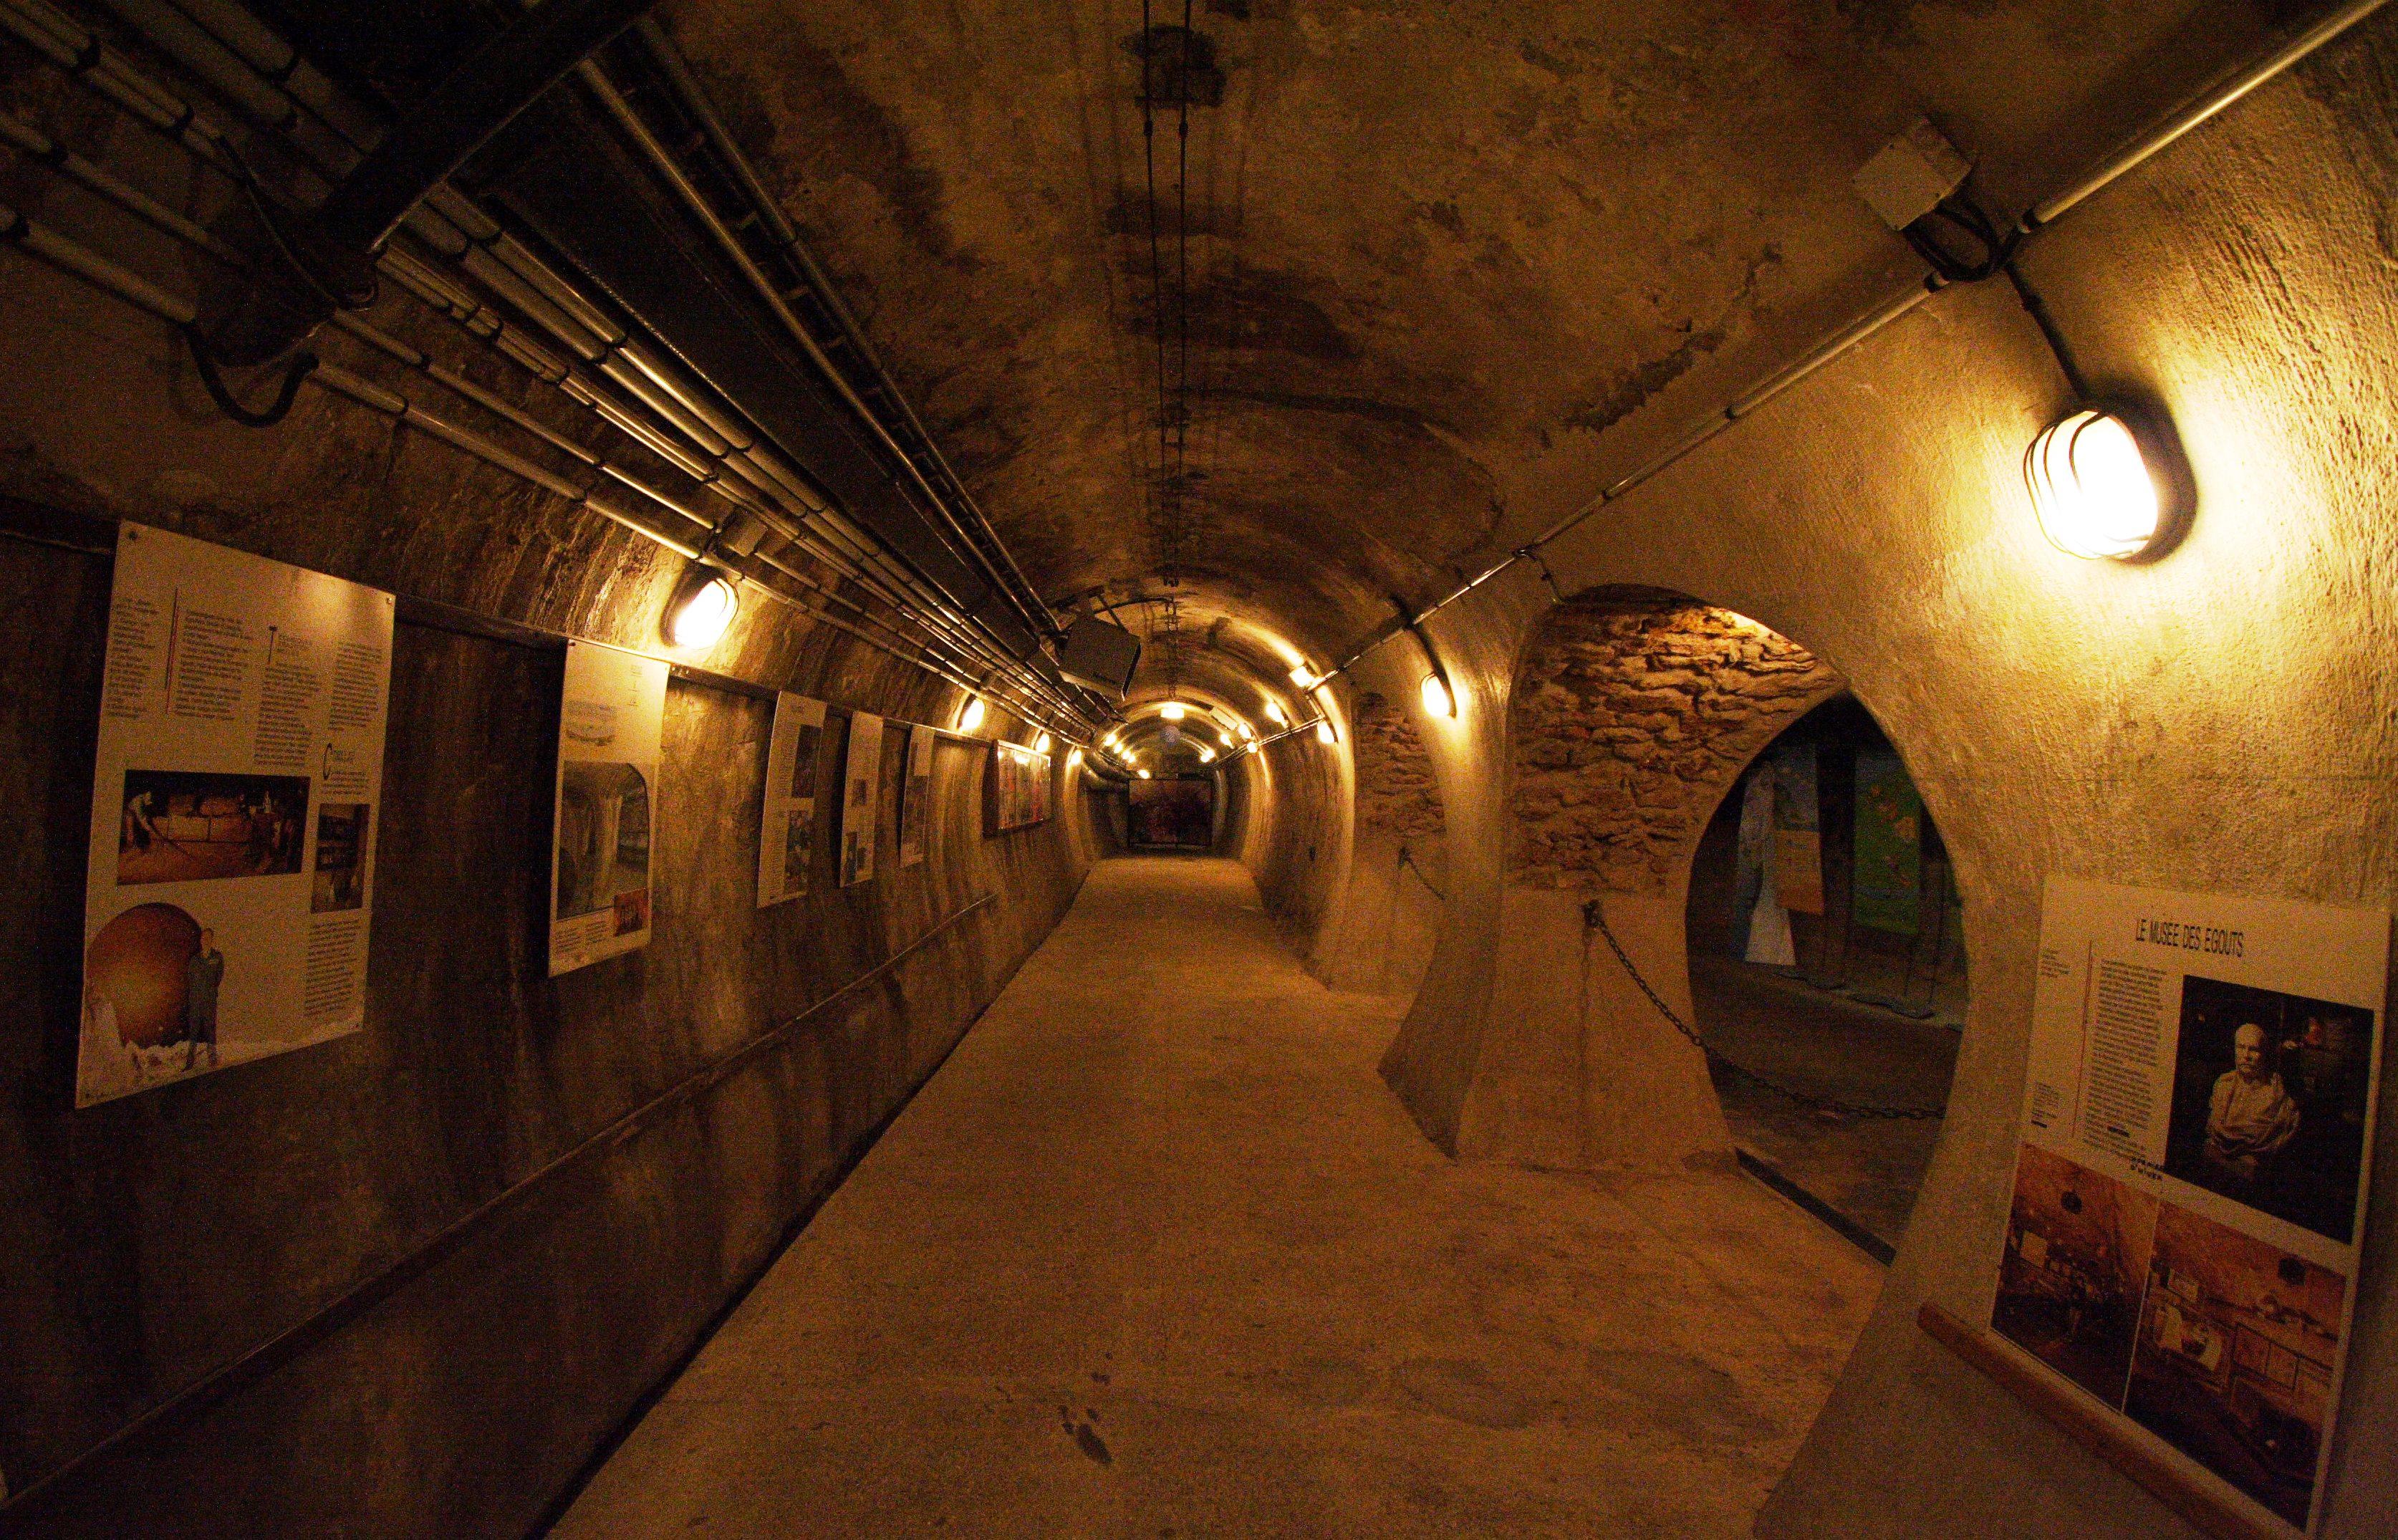 Paris museums - Egouts de Paris - Paris sewers museum - www.MyFrenchLife.org